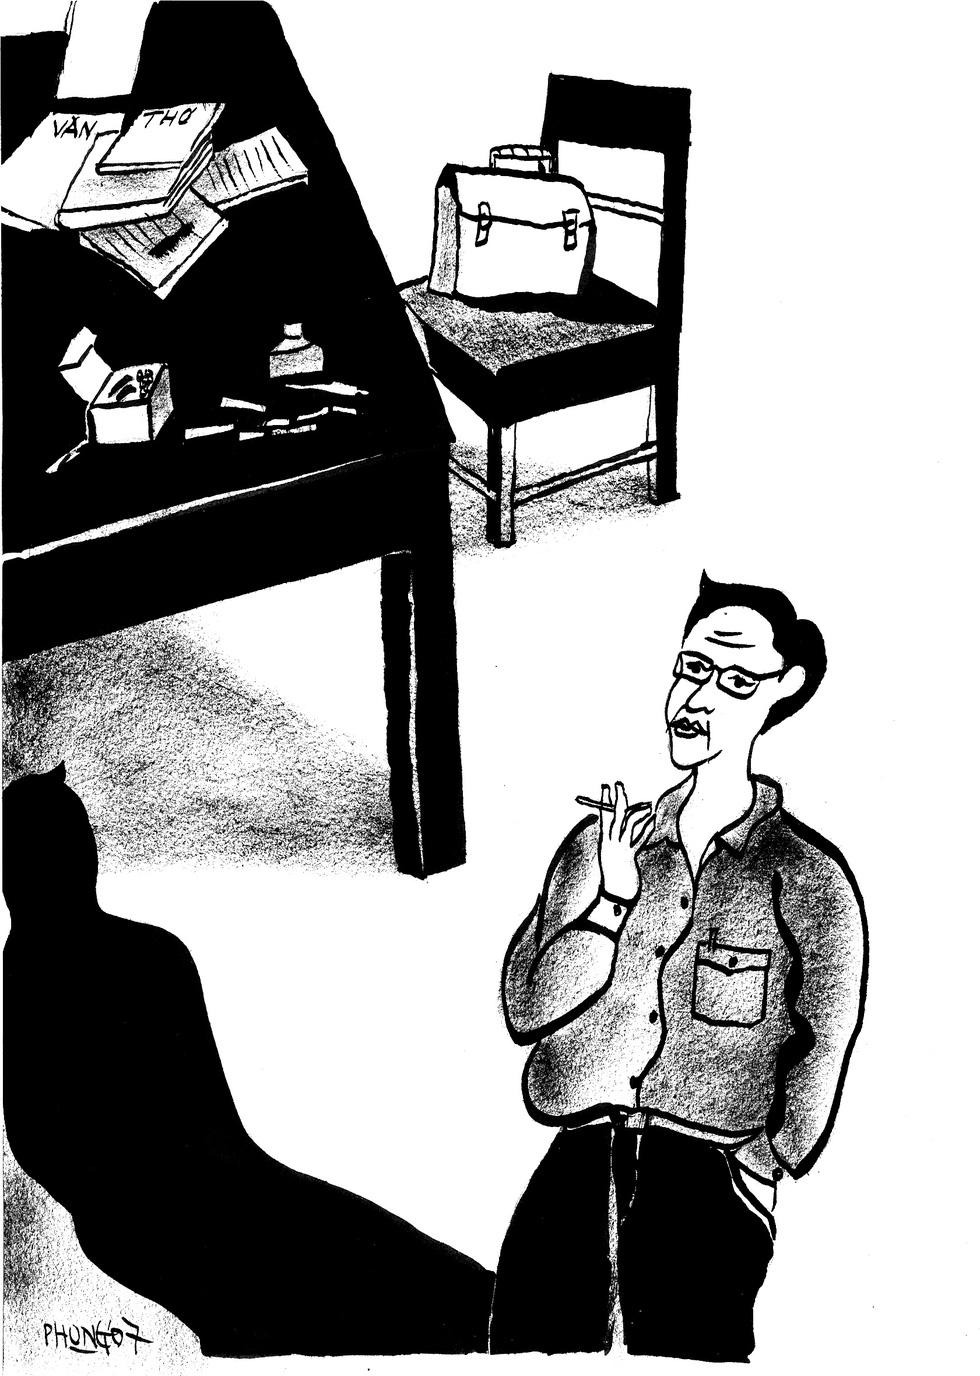 Ra sách mừng tuổi 70, nhà văn Nguyễn Huy Thiệp: Khó nhất không phải chỉ là tiền bạc - Ảnh 9.